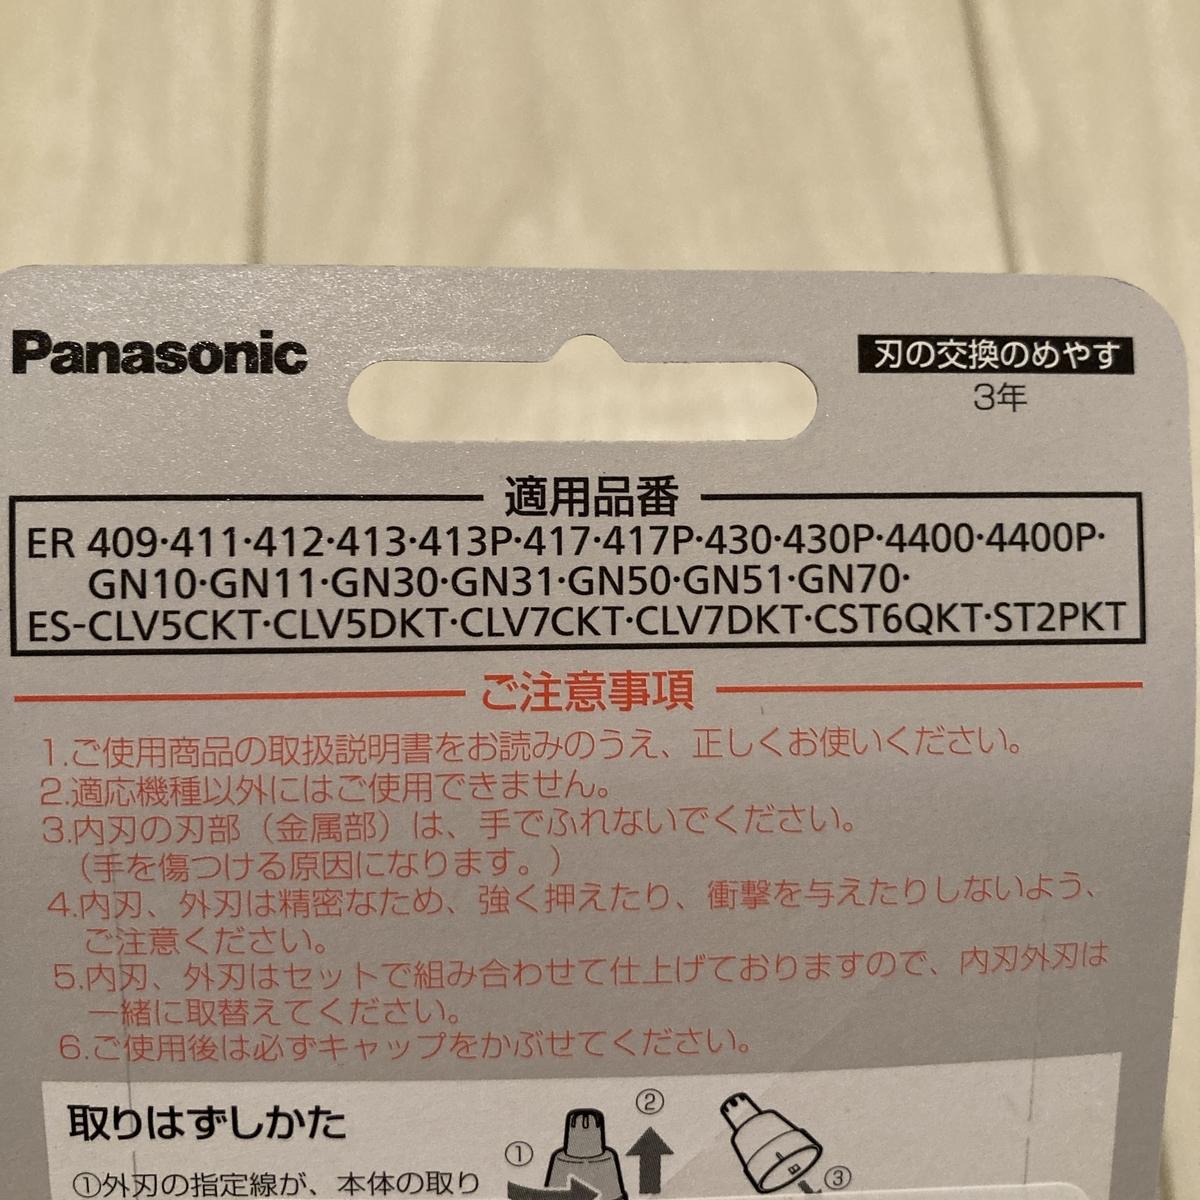 鼻毛 エチケットカッター 眉毛 パナソニック Panasonic ER-GN70 吸引 水洗い お手入れ Amazon 美容 ヒゲ 髭 顔 替刃 ER9972-K